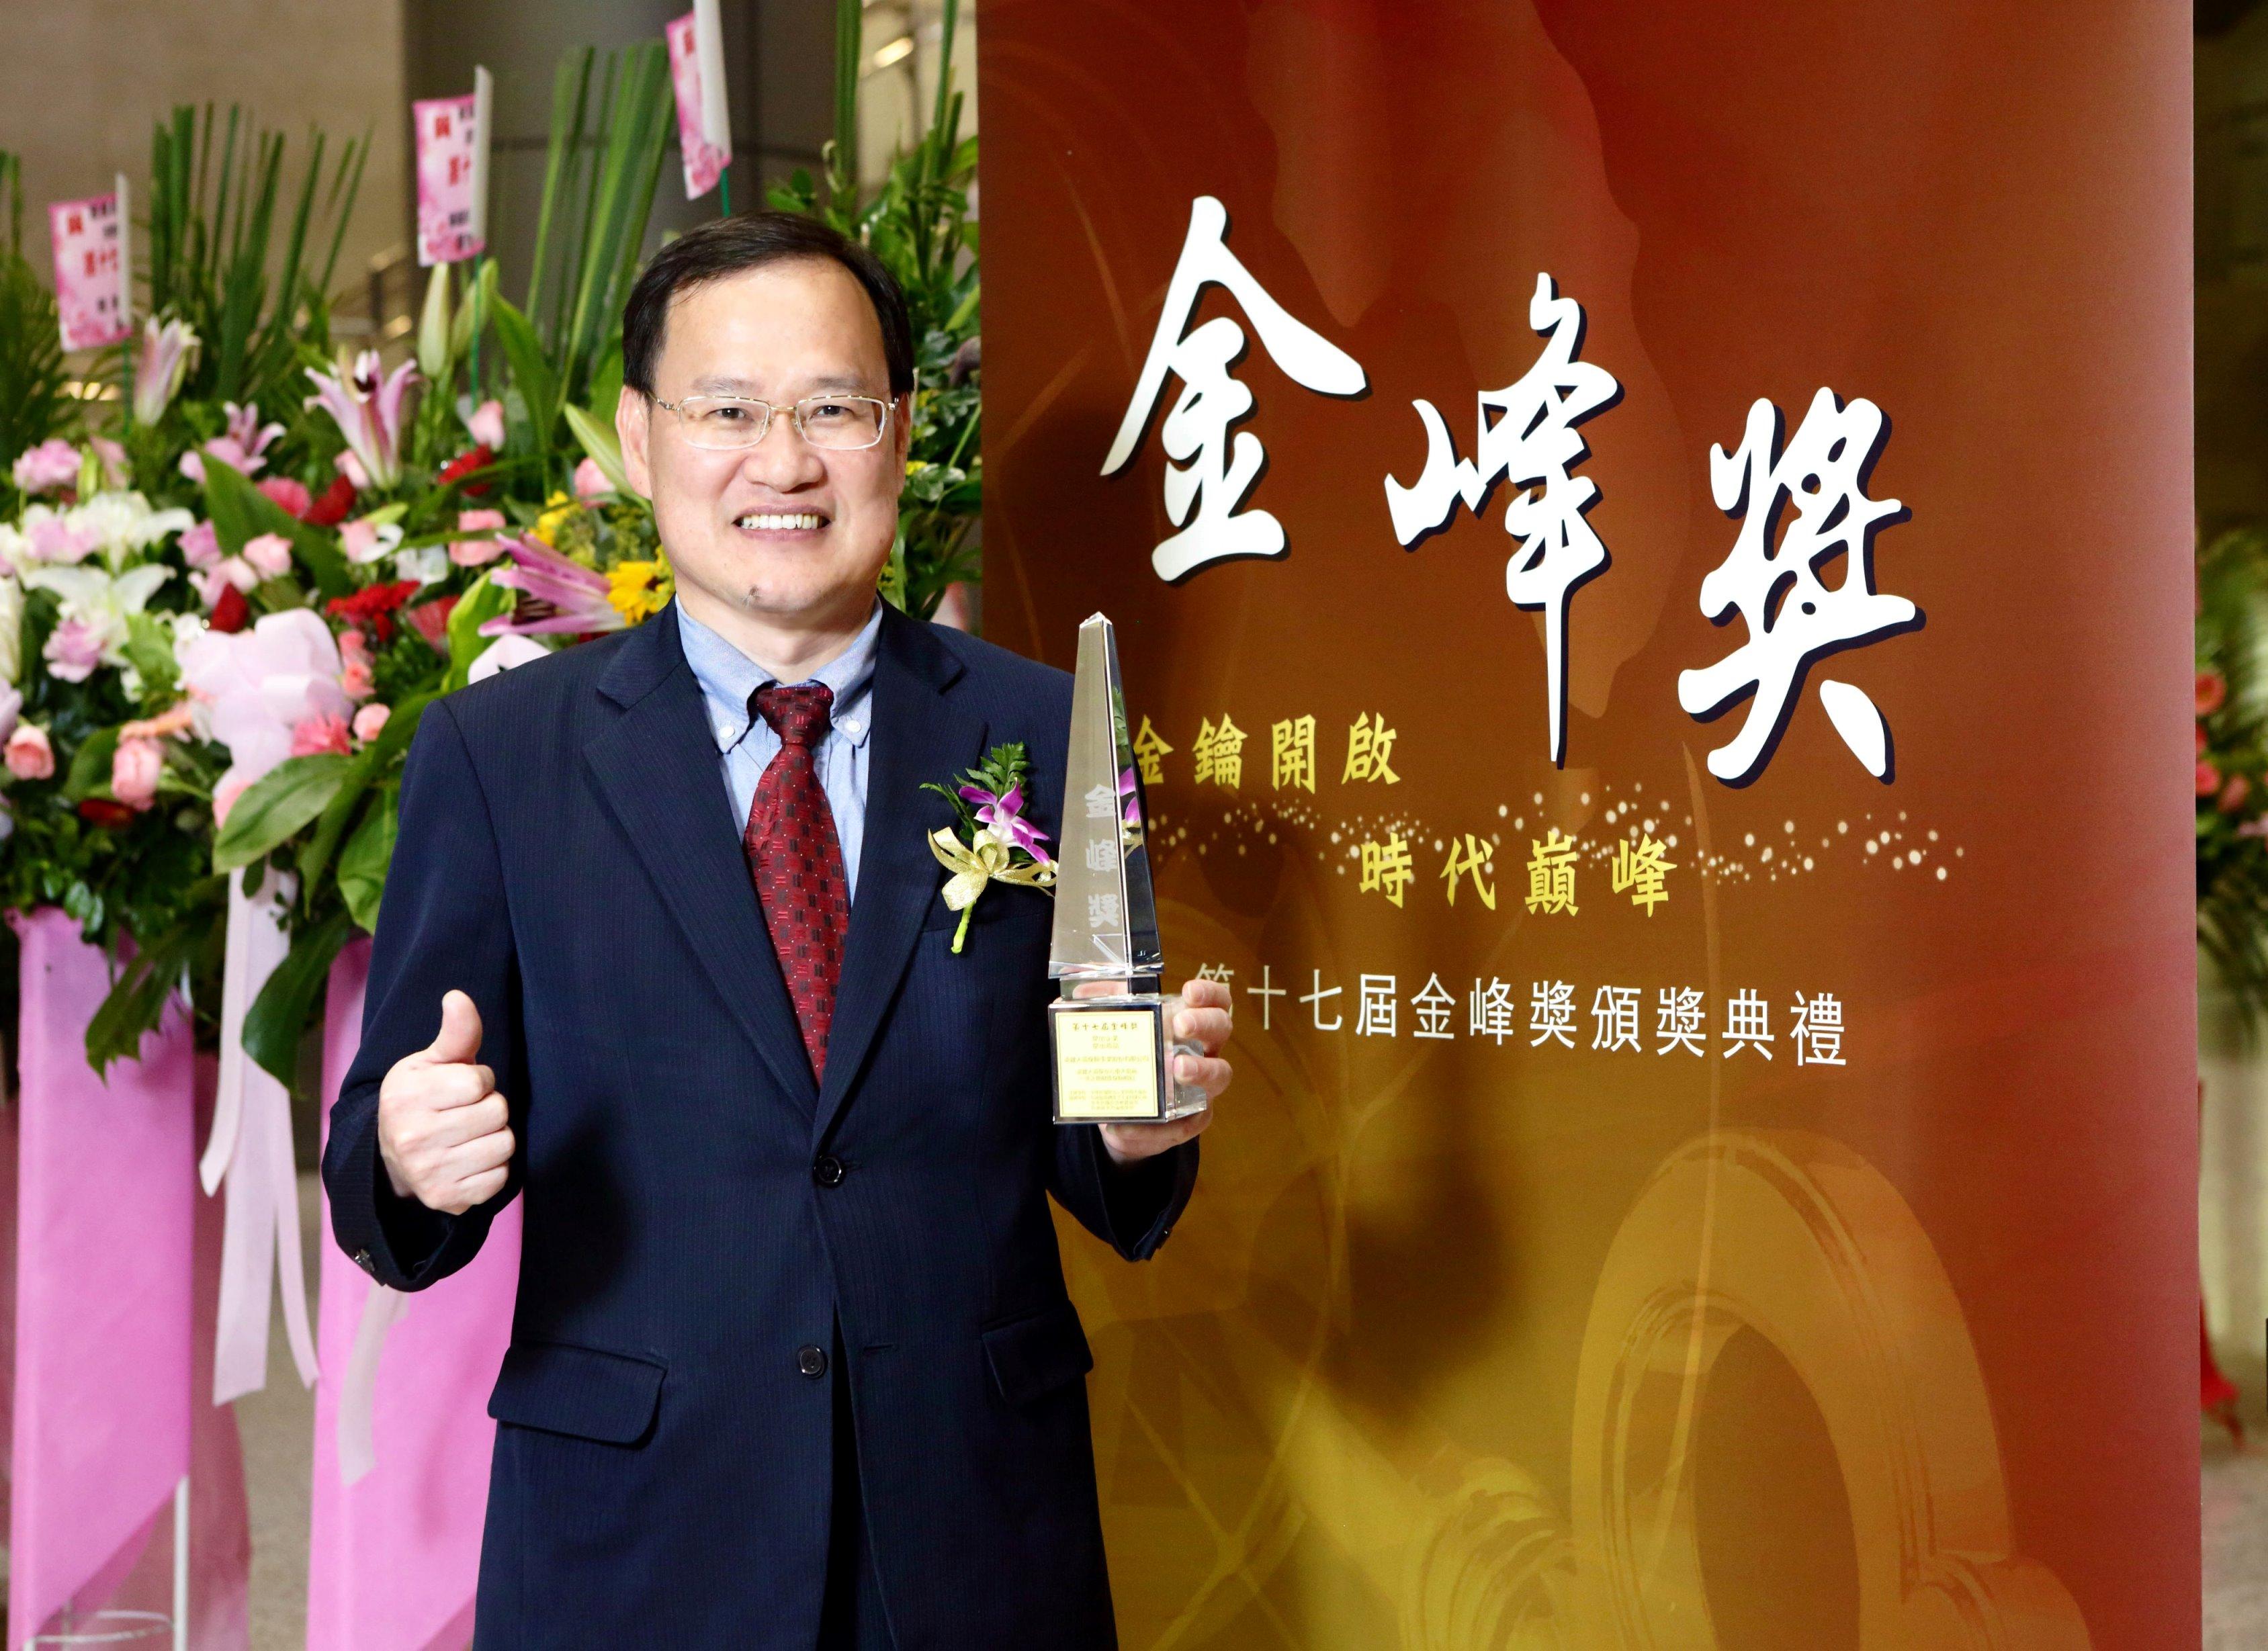 遠雄人壽經營績效有目共睹 榮獲「金鋒獎」肯定